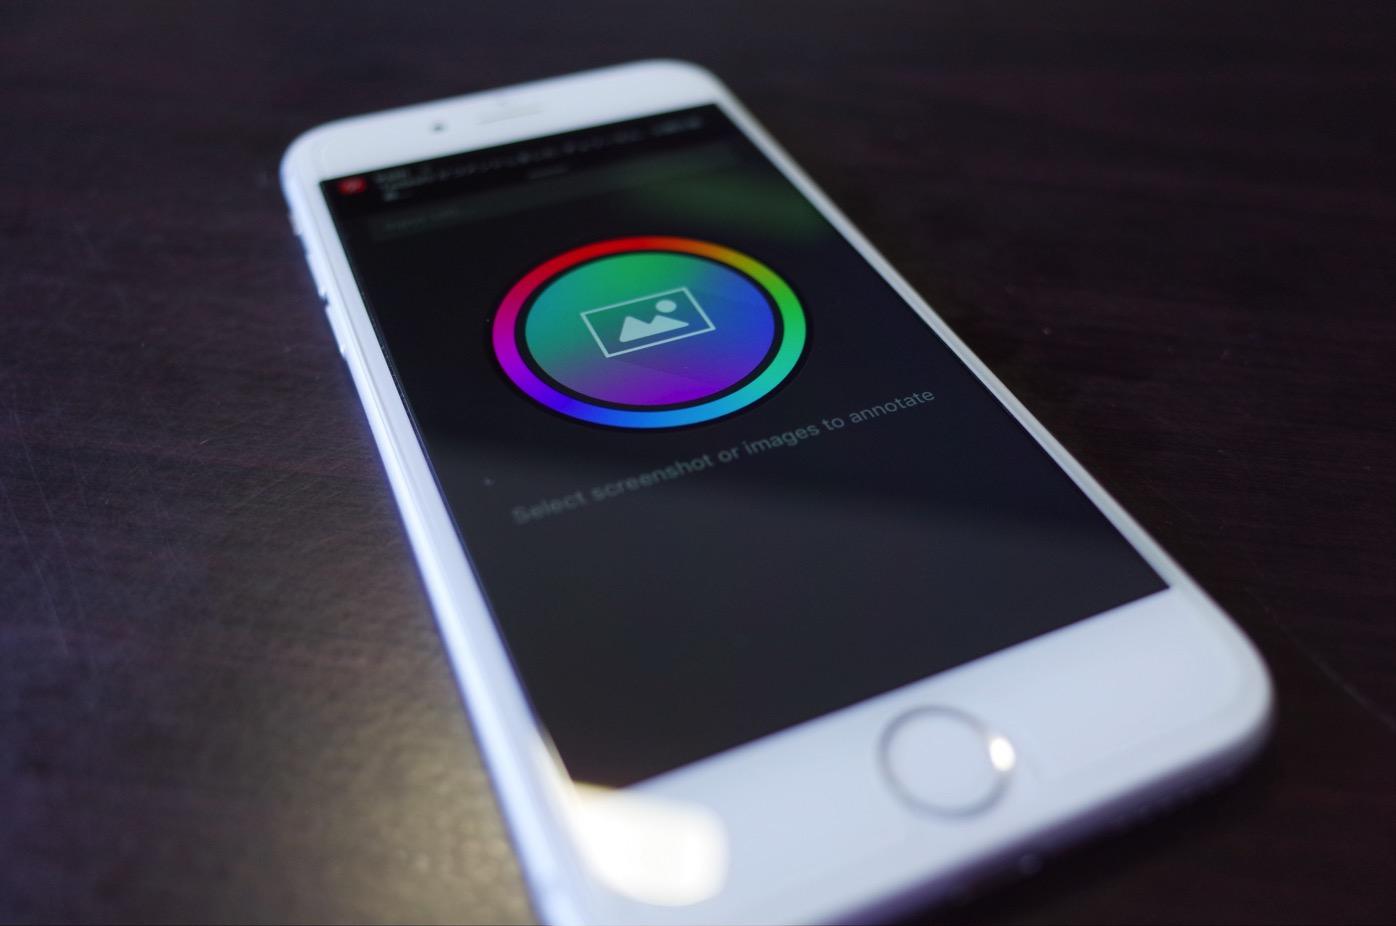 [iPhone]「閲覧注意」コンテンツブロッカーを確認するために、超長いスクリーンショットを撮ってみたよ。しかし、結果は・・・